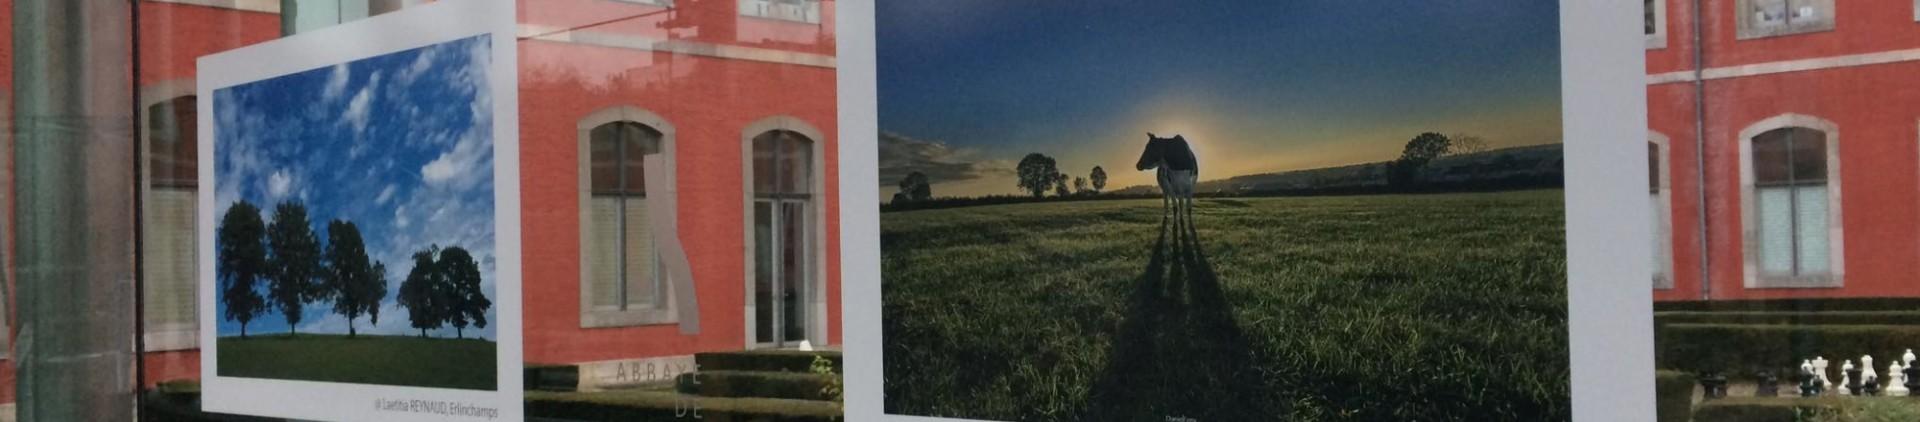 Voyagez… en toute sécurité - Concours photo « Nature » de l'Abbaye de Stavelot